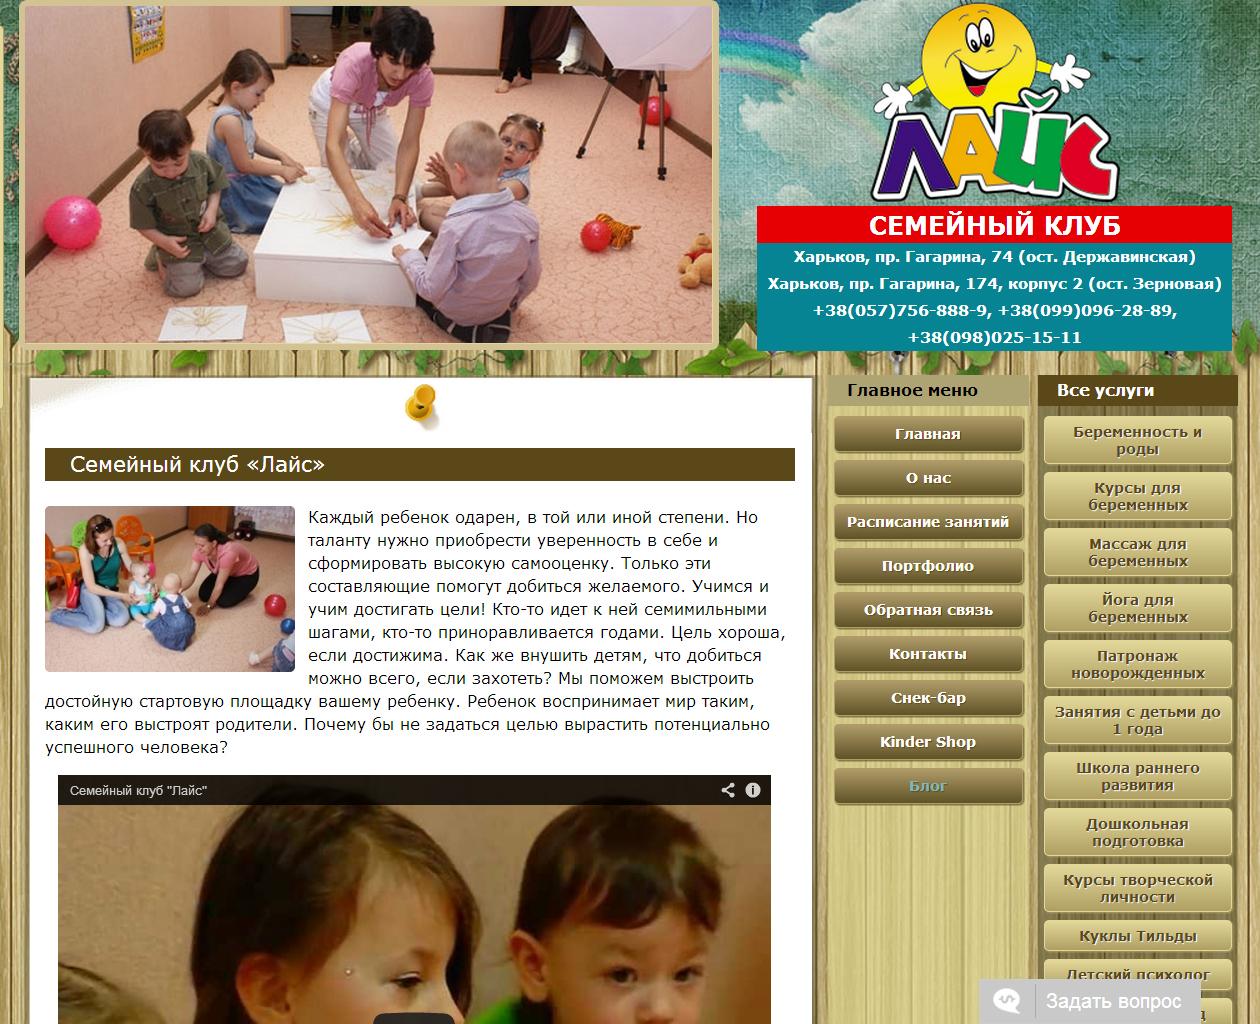 Создание сайта семейного клуба Лайс в Харькове